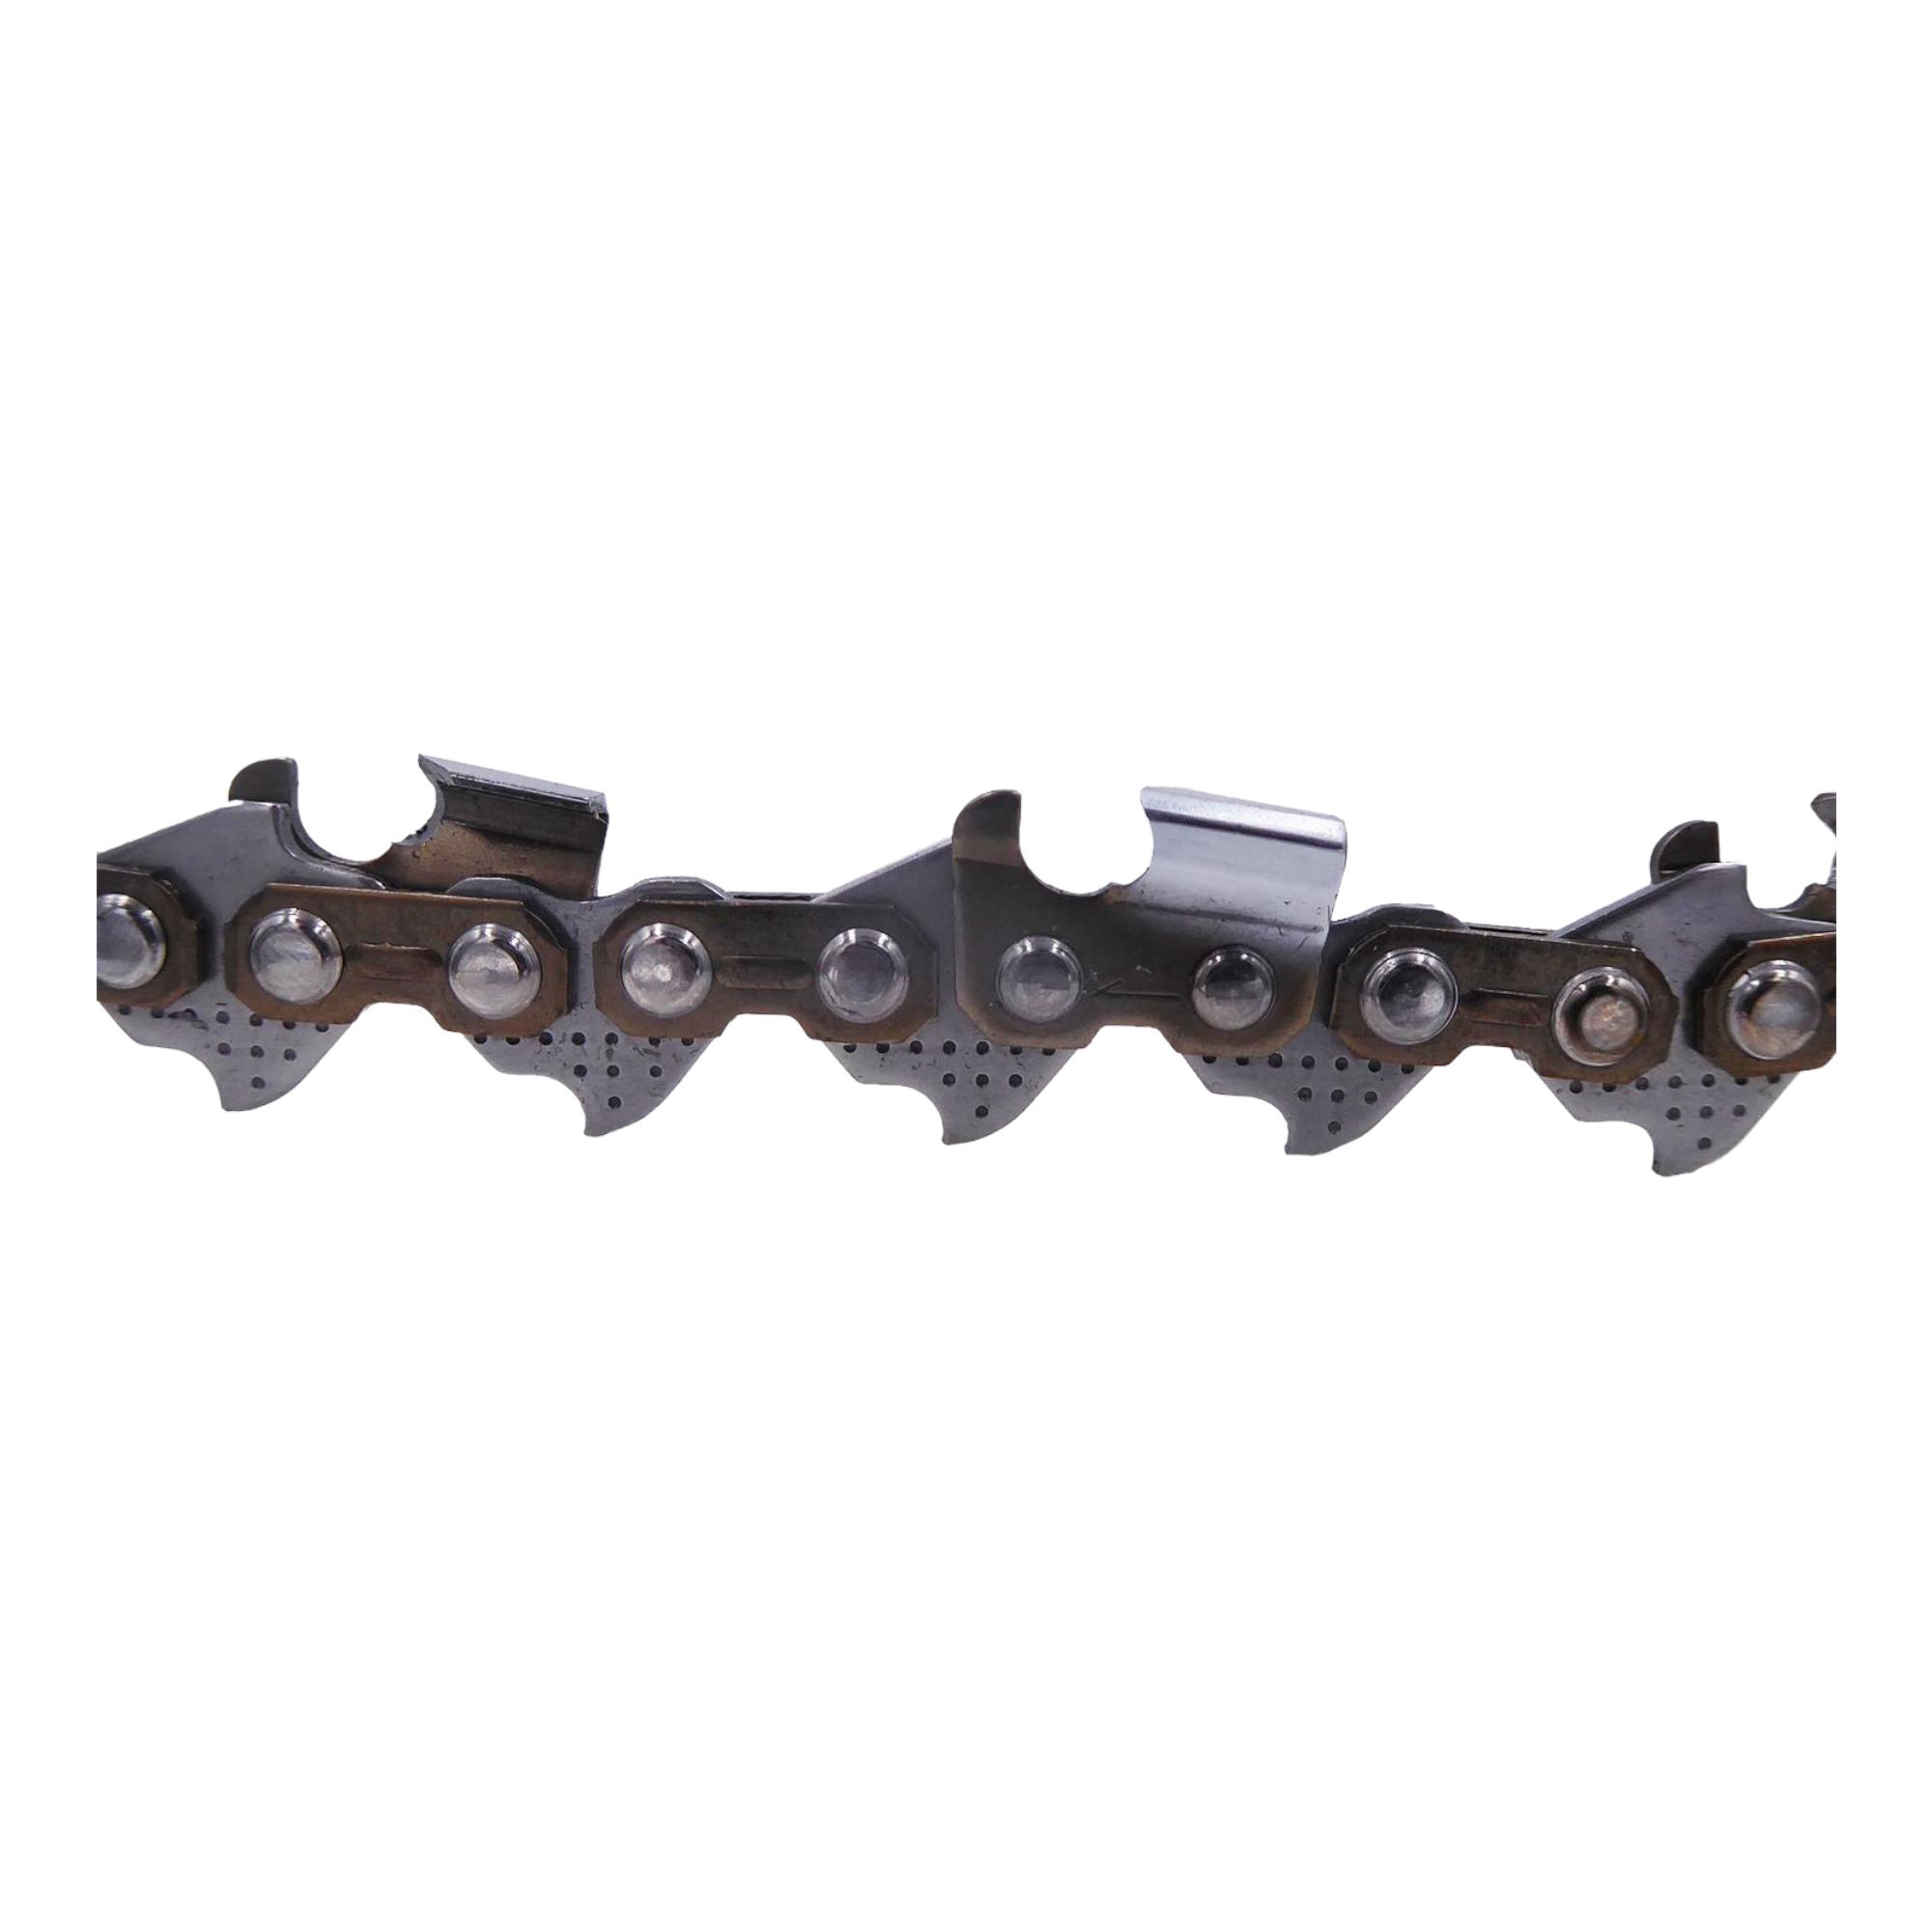 2 Stück Profi C Sägeketten 3//8 1.5 mm 60 TG Ersatzkette für Stihl Dolmar